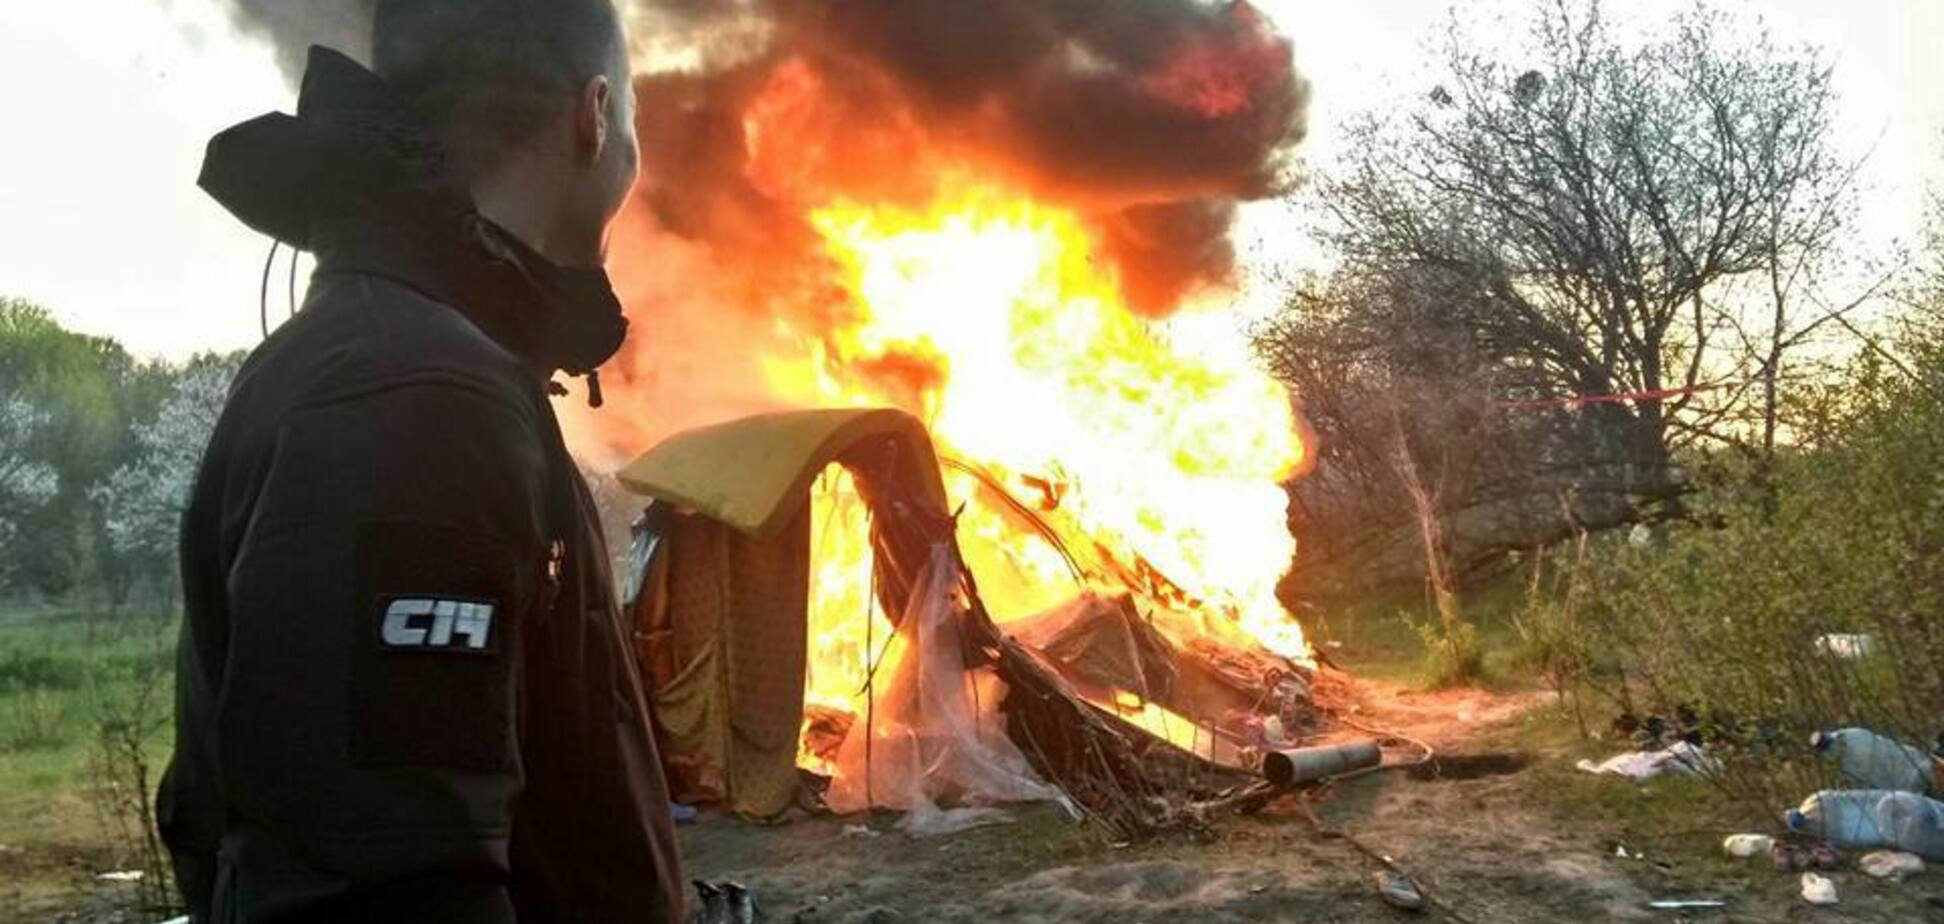 Атака на лагерь ромов в Киеве: в полиции объяснили ситуацию